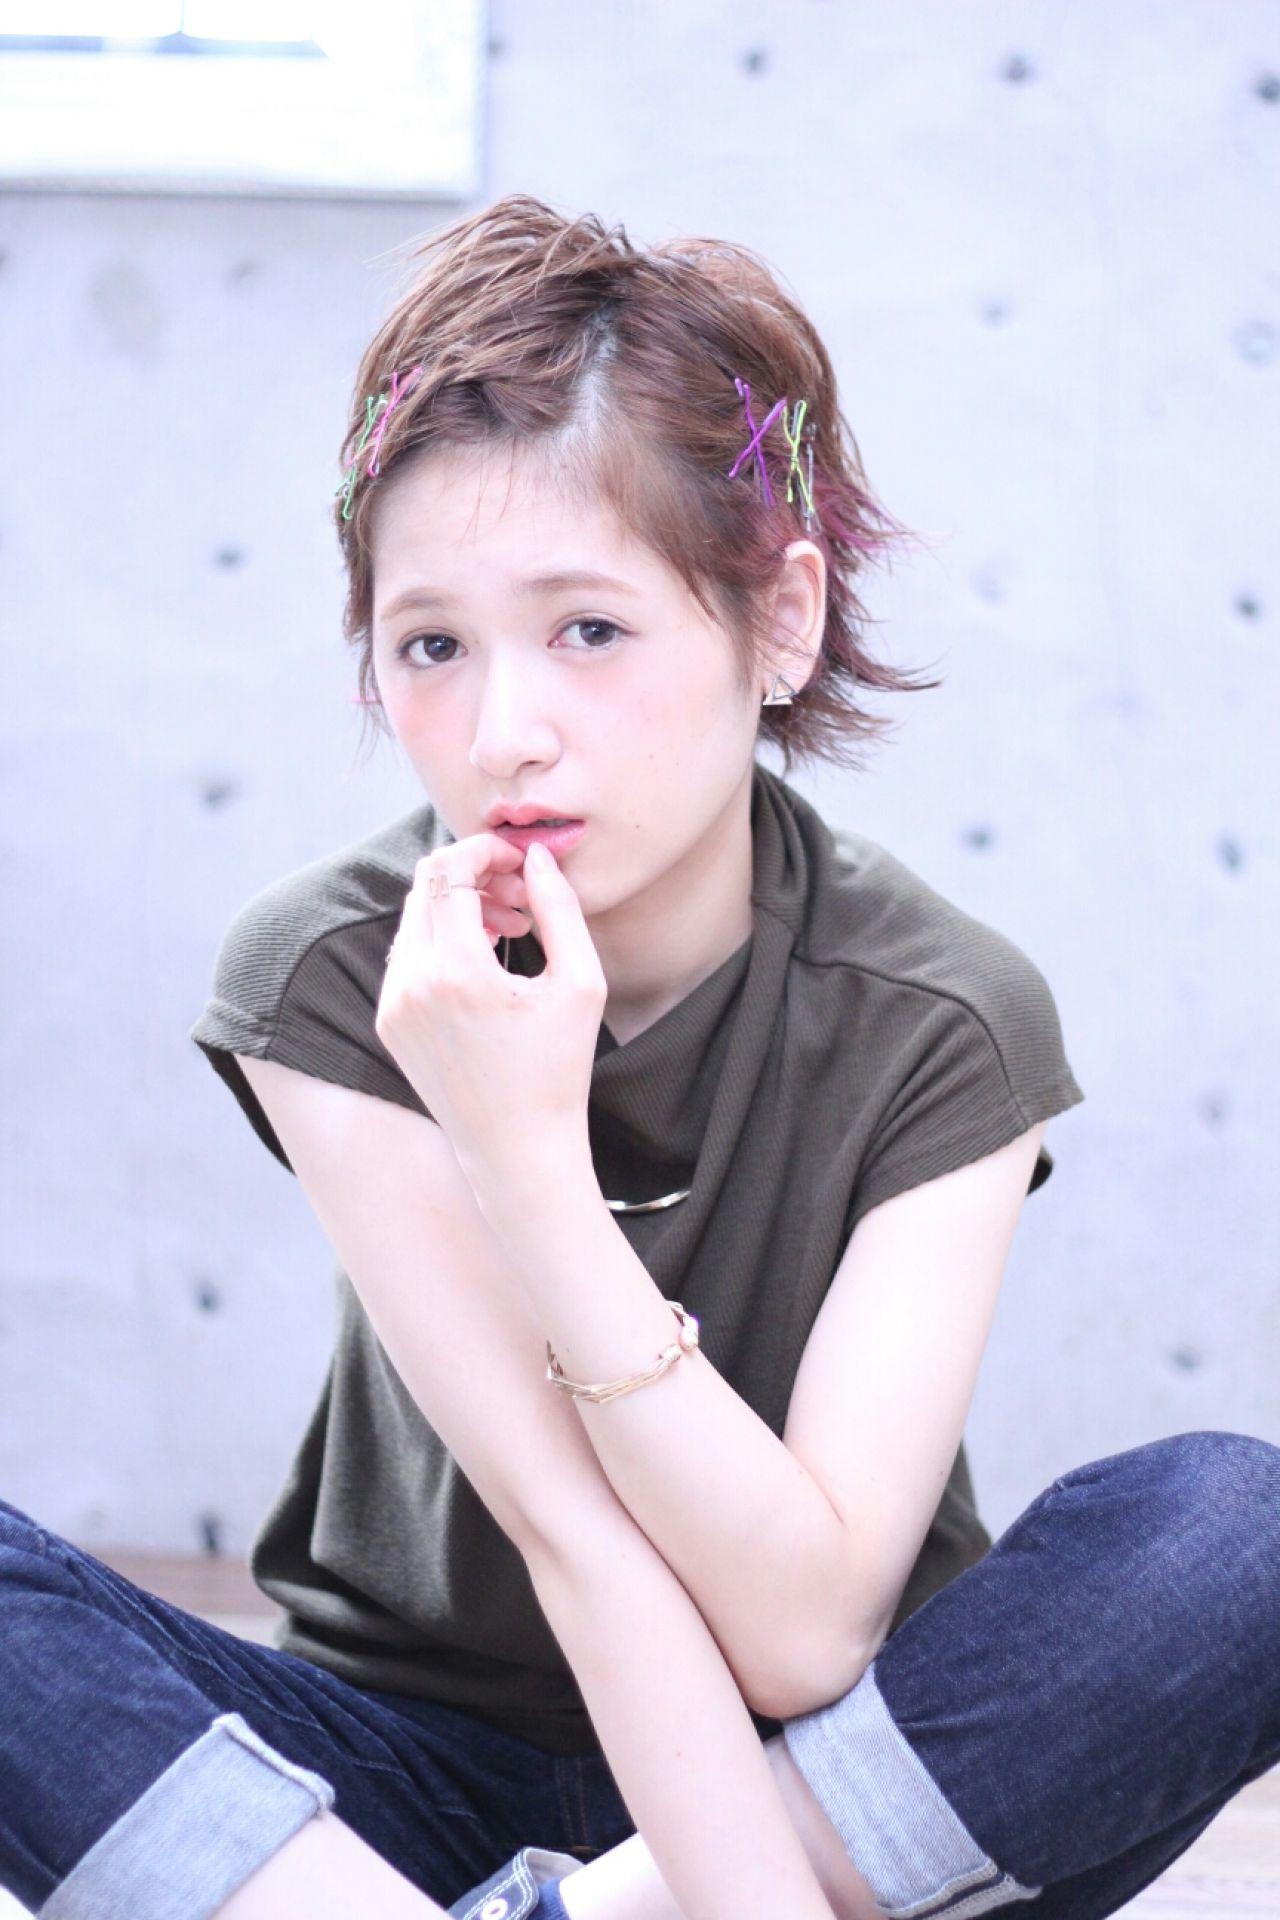 知らなかった?実はオンナ度が高い、魅惑の黒髪ベリーショート♡ Wataru Maeda